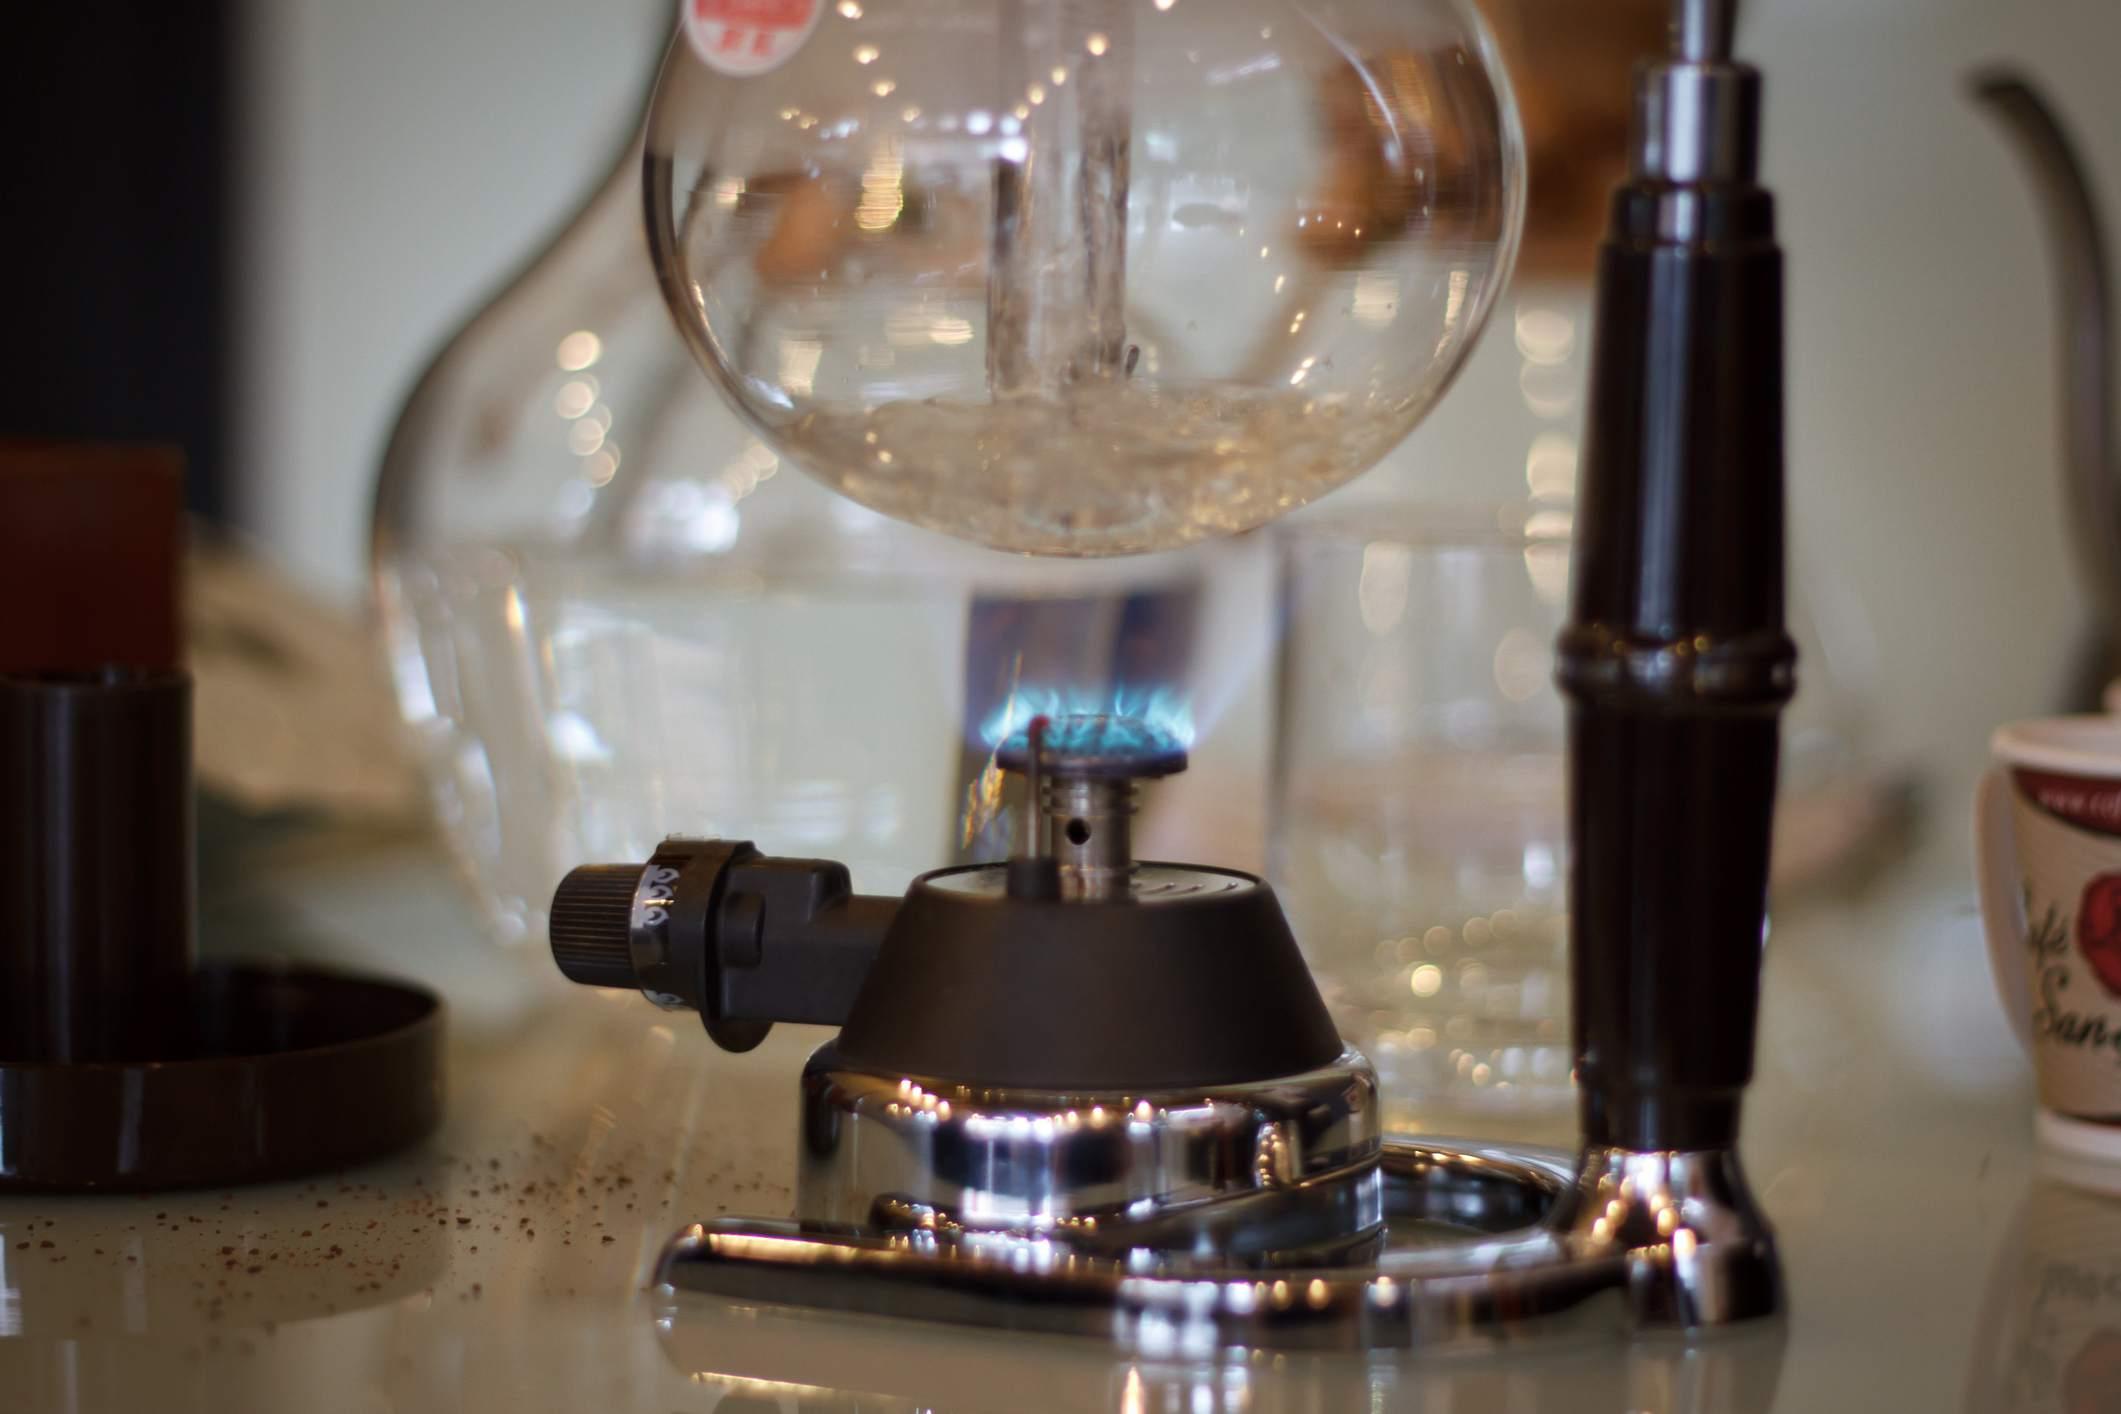 Flask over a gas burner